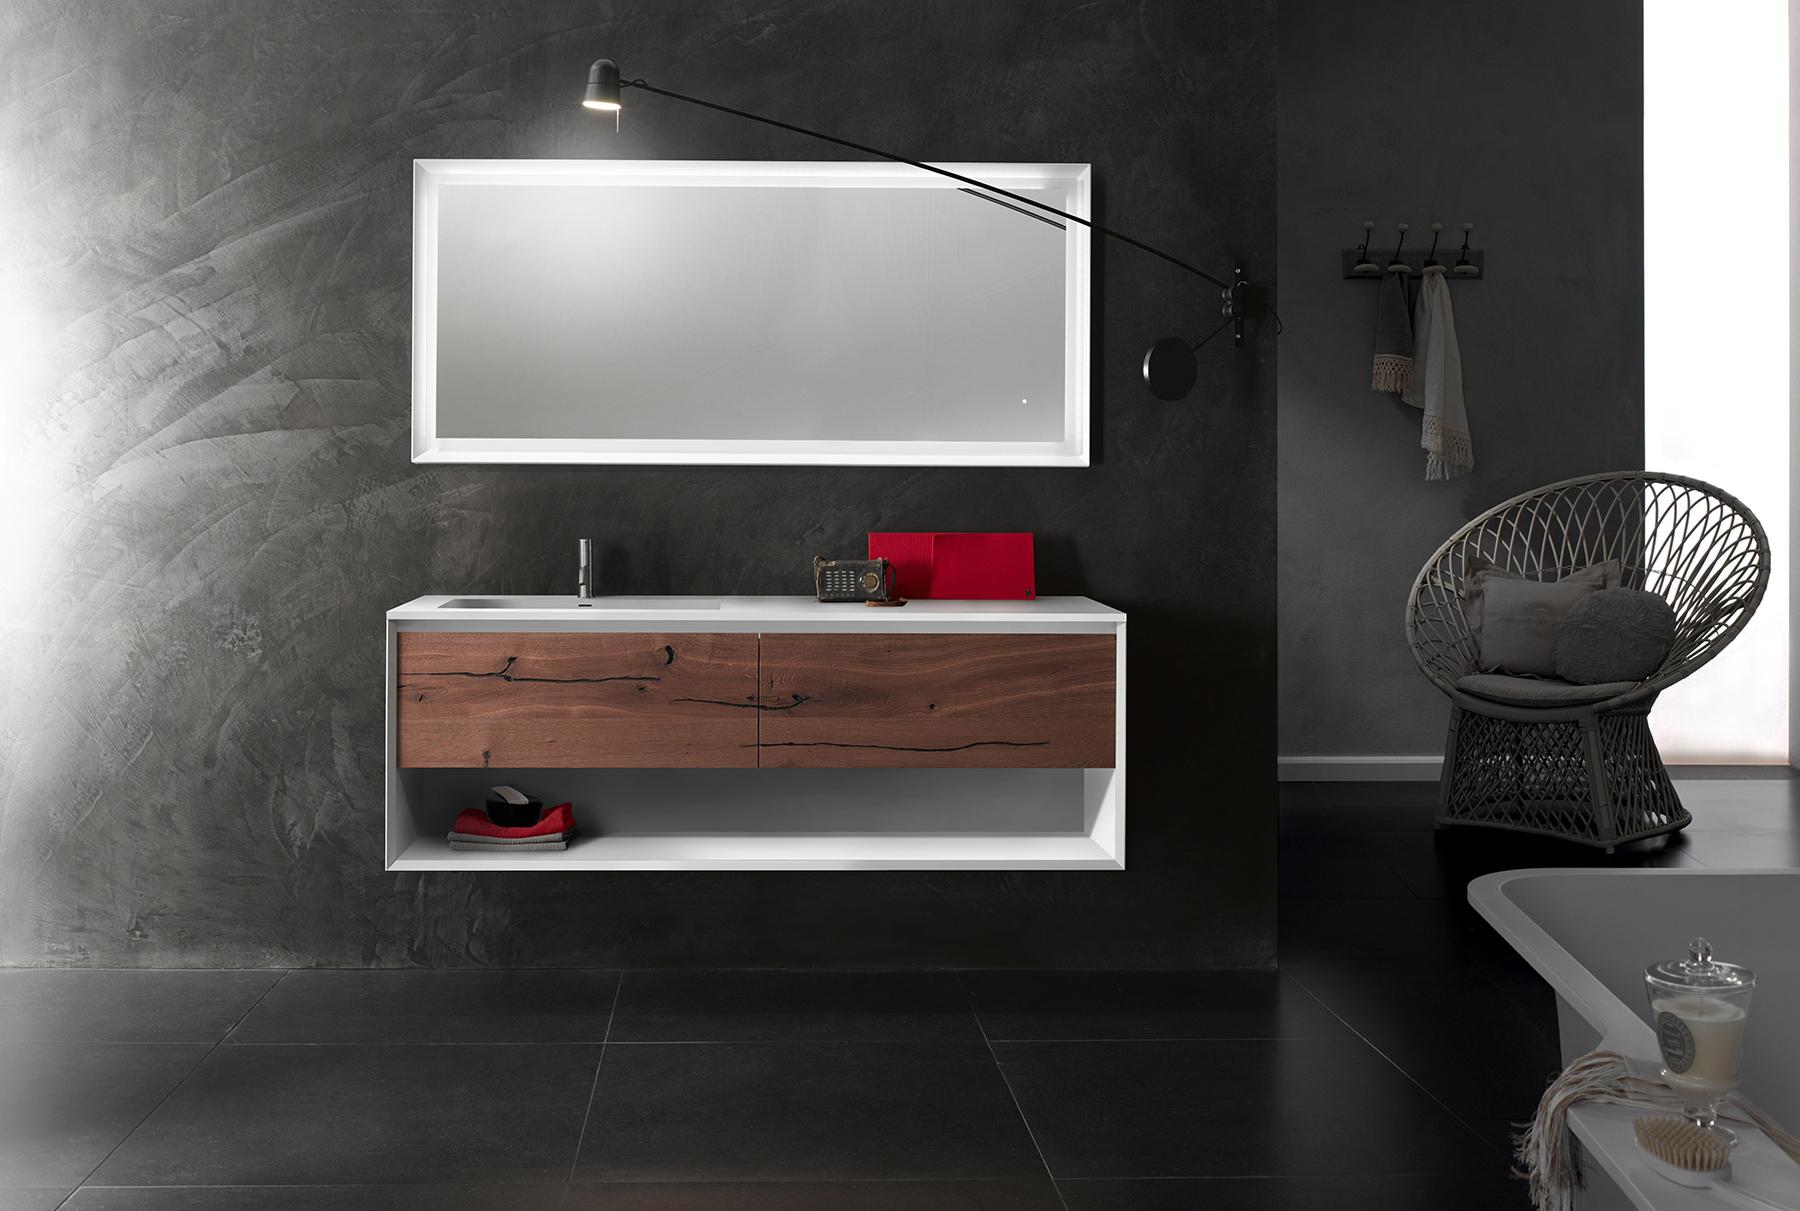 Modern 45 Degree Wall Mount Vanity w/ Open Shelf Series 1400